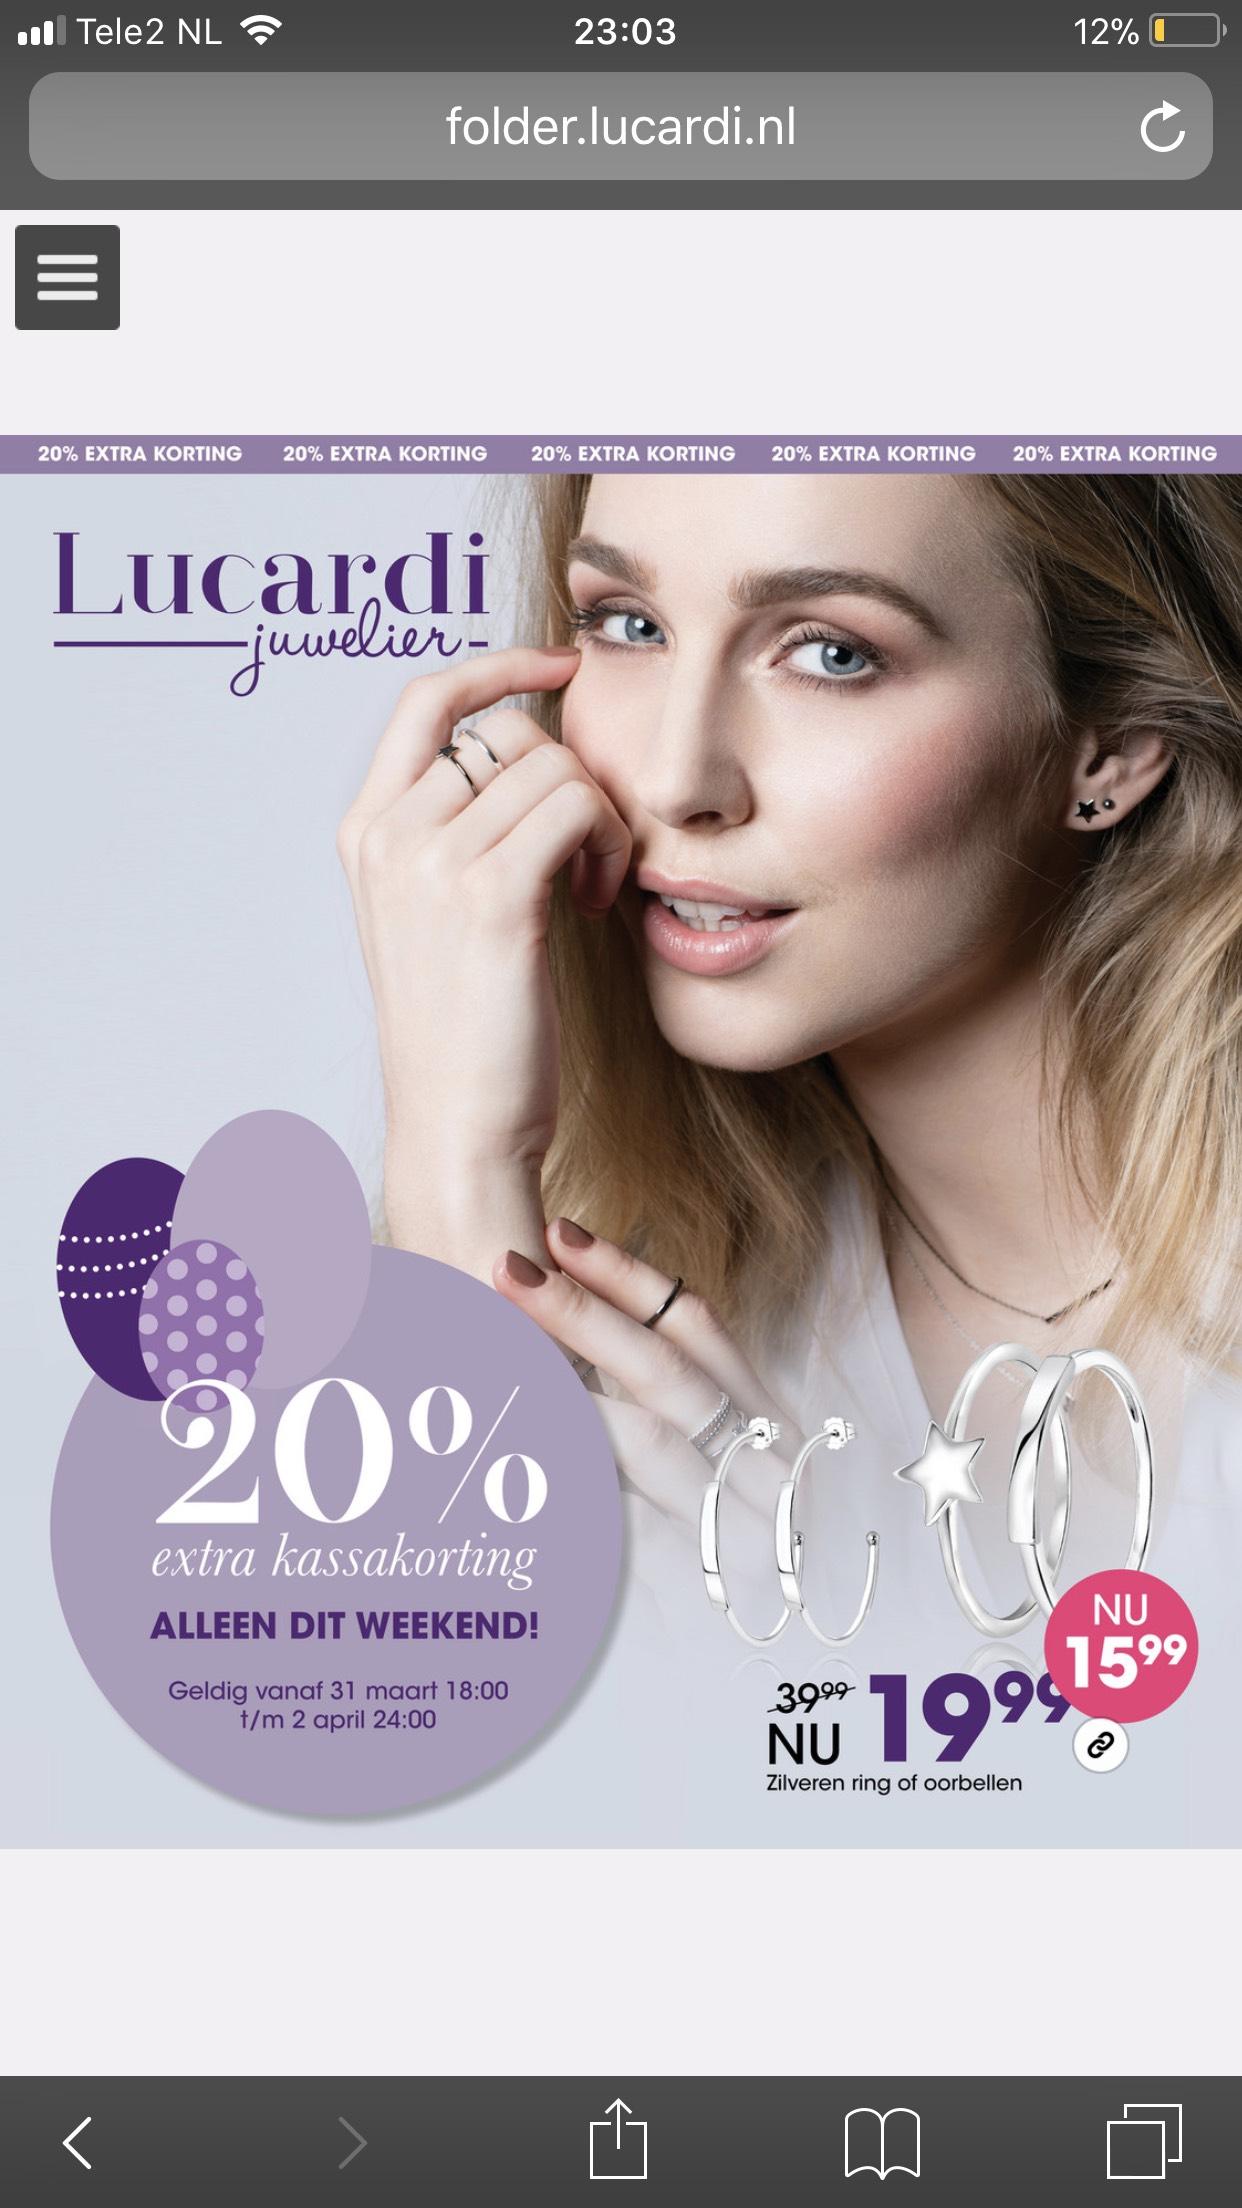 Lucardi 20 % paaskassakorting weekend